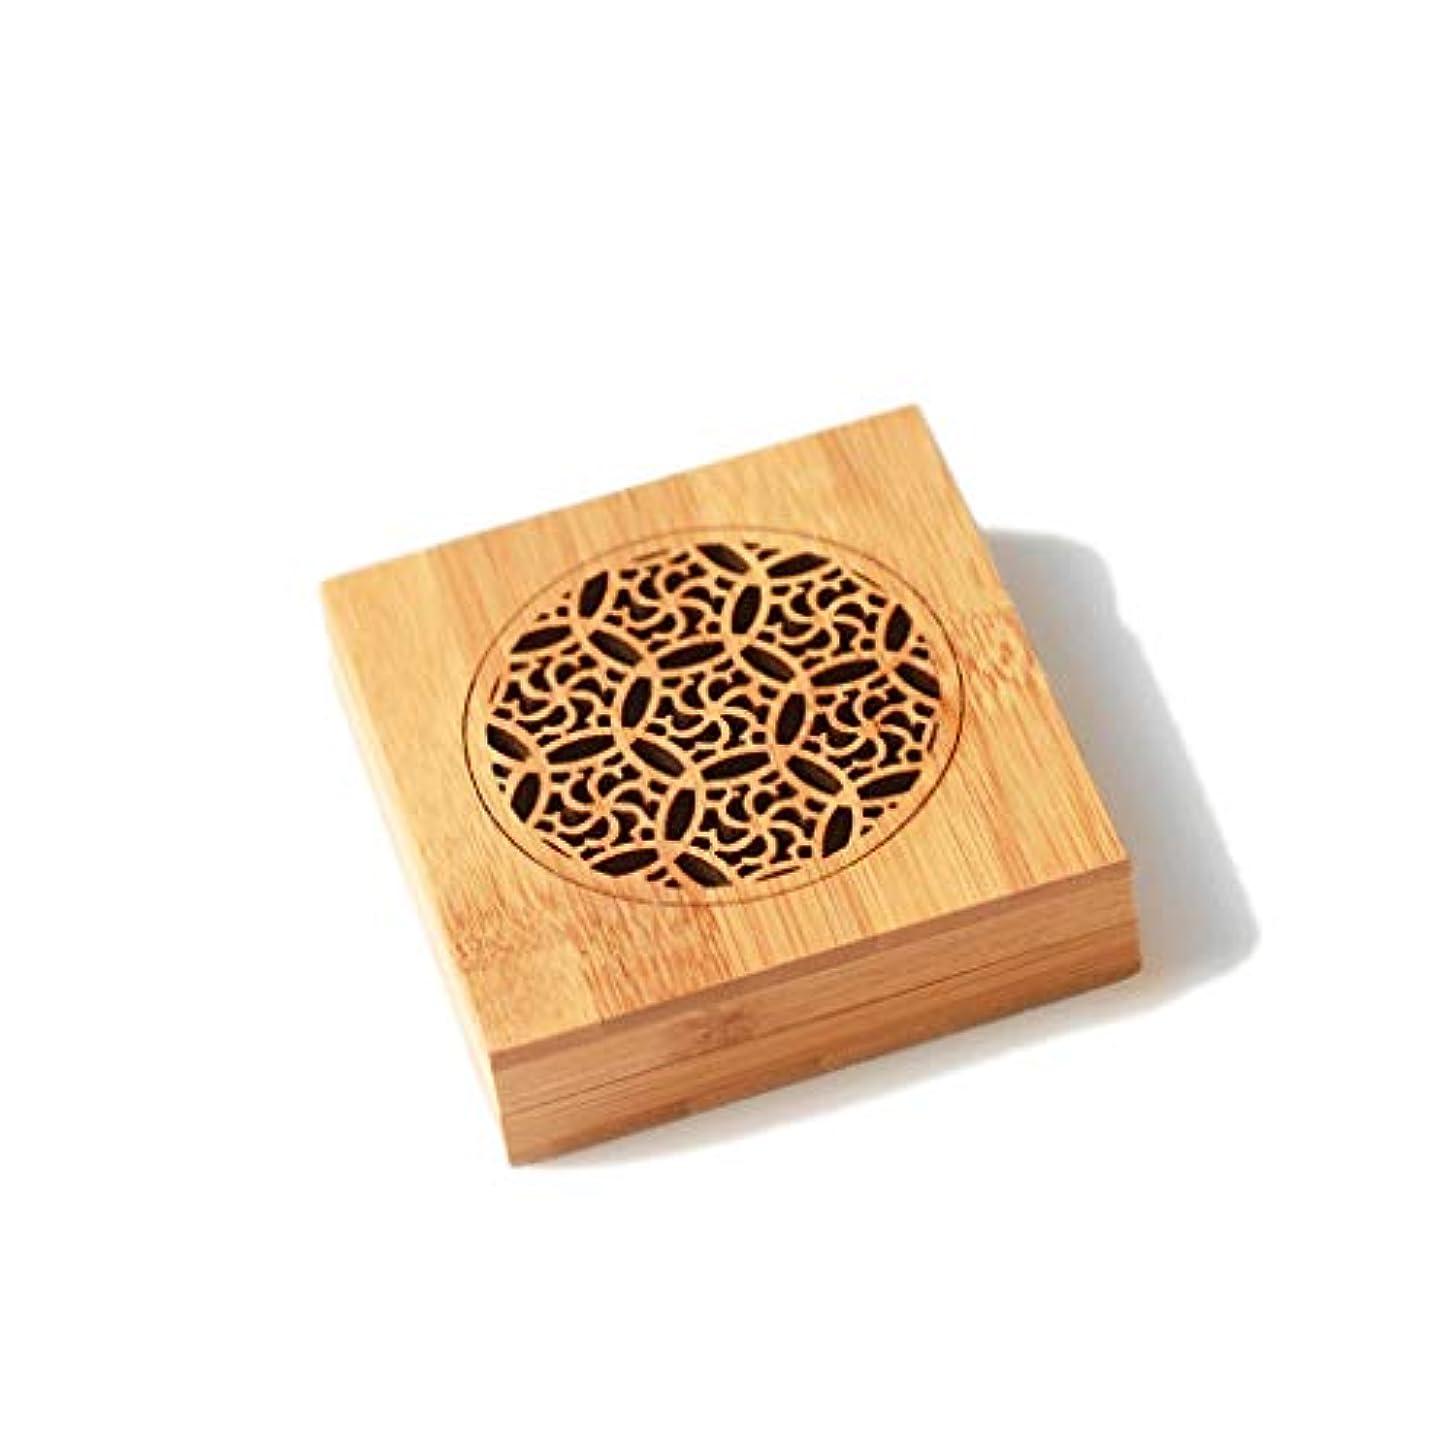 竹の香バーナーコイルの香バーナー部屋の装飾瞑想竹の香り天然素材香ホルダー 芳香器?アロマバーナー (Color : WOOD, サイズ : Square)